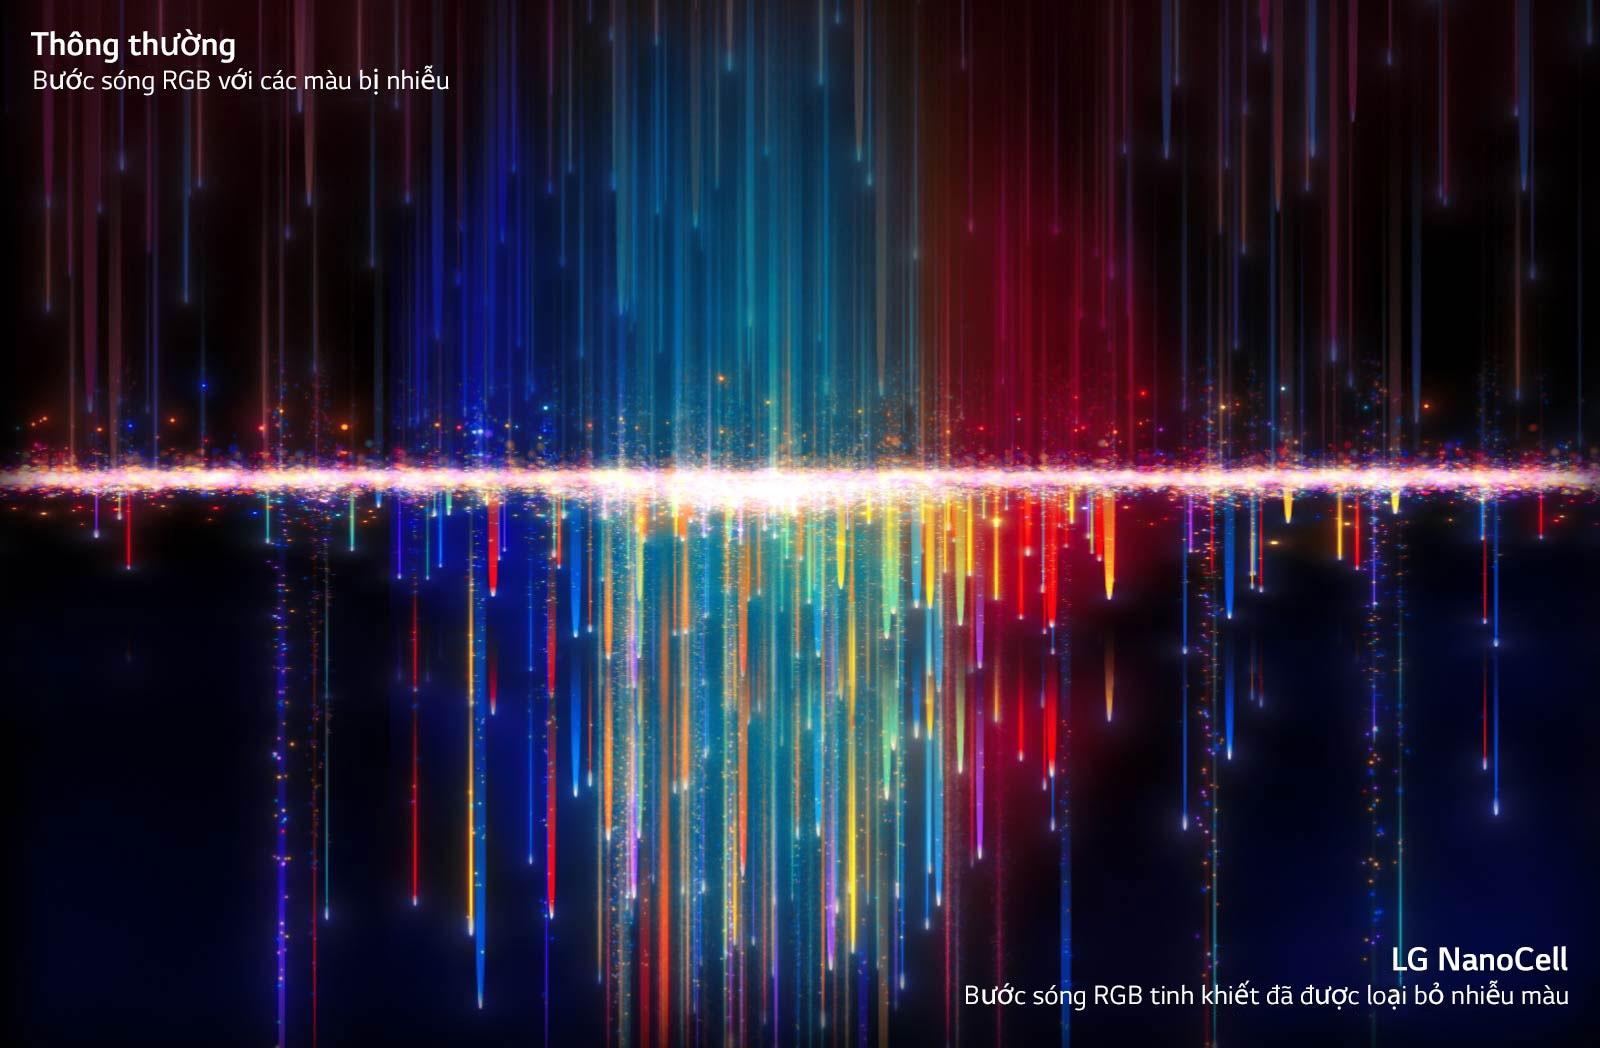 Các màu bị nhiễu như có thể thấy trên các TV thông thường ở hình trên đi qua bộ lọc NanoCell để tạo ra màu sắc tinh khiết trong hình dưới (phát video).